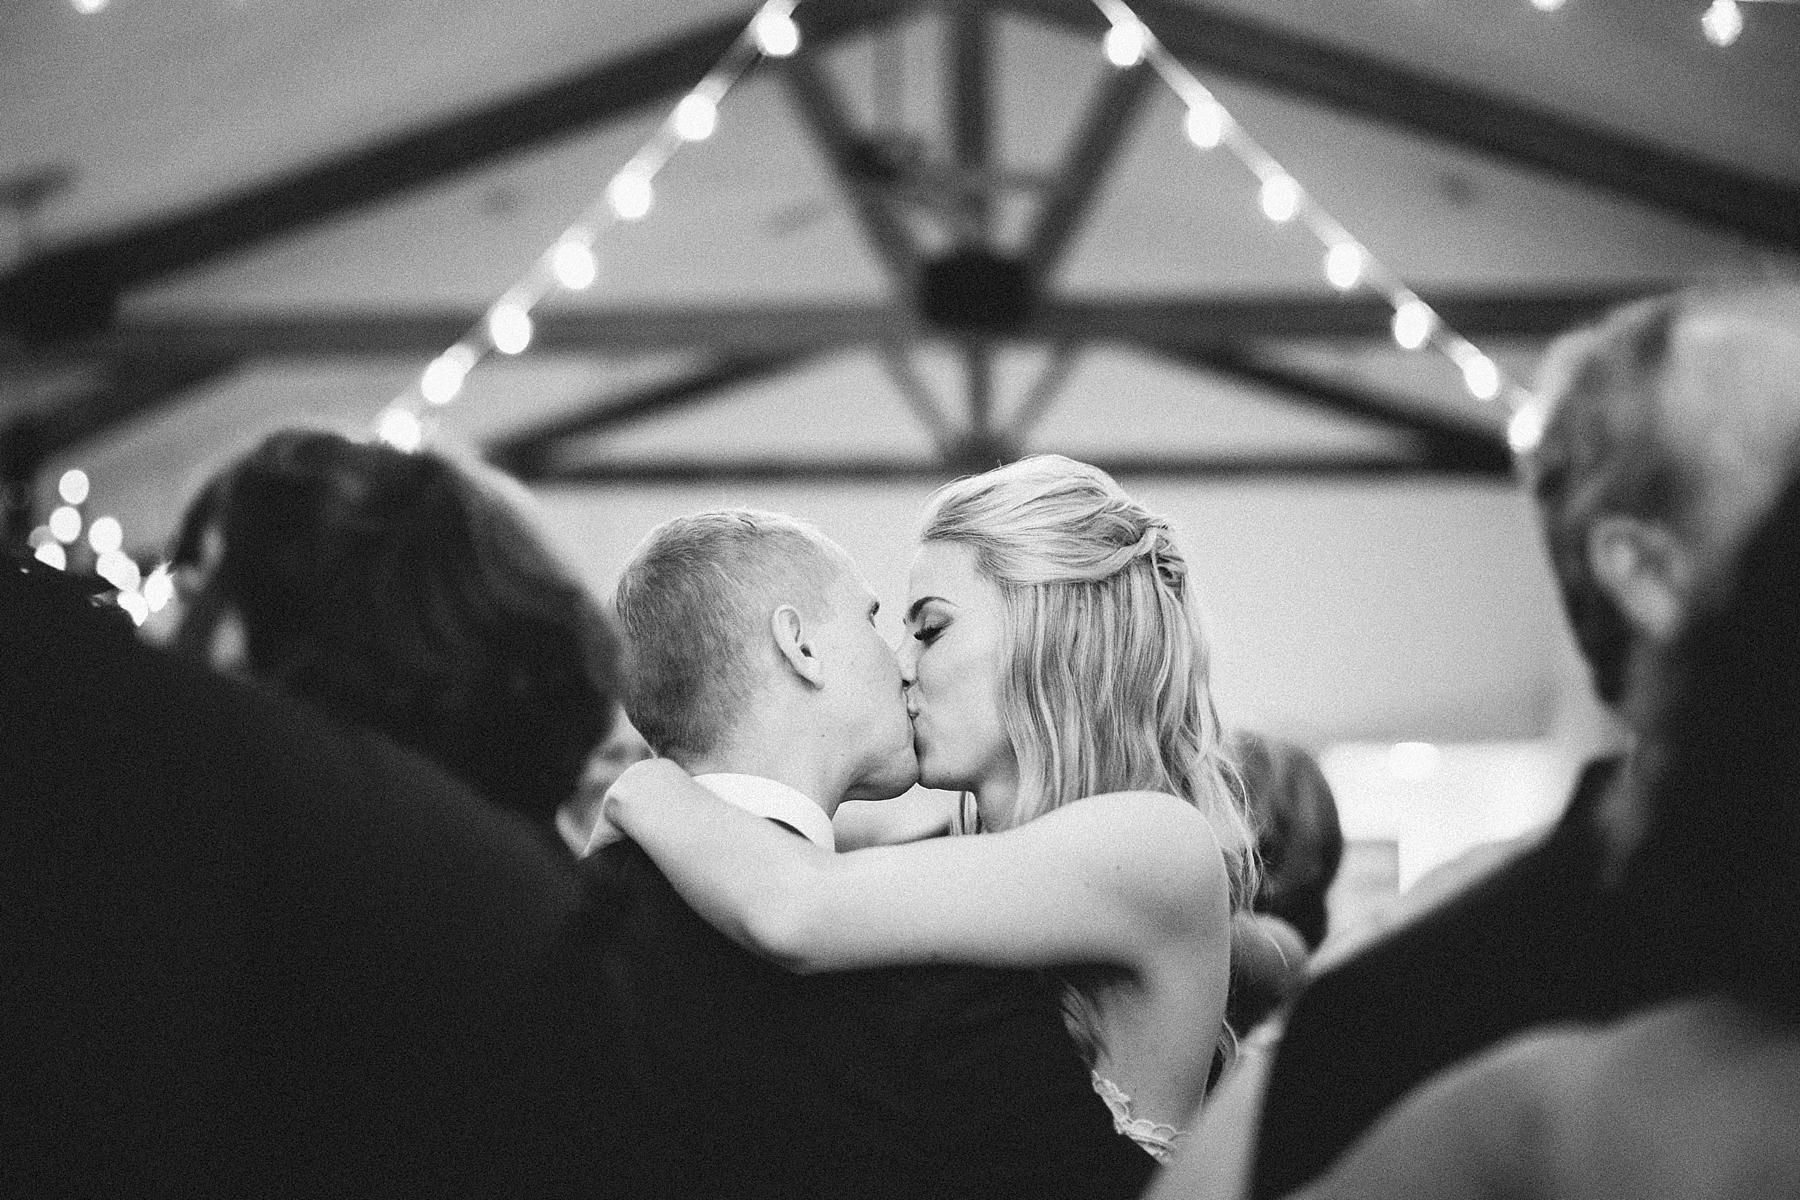 childhood-home-wedding-new-hope-pa-lambertville-nj_0080.jpg